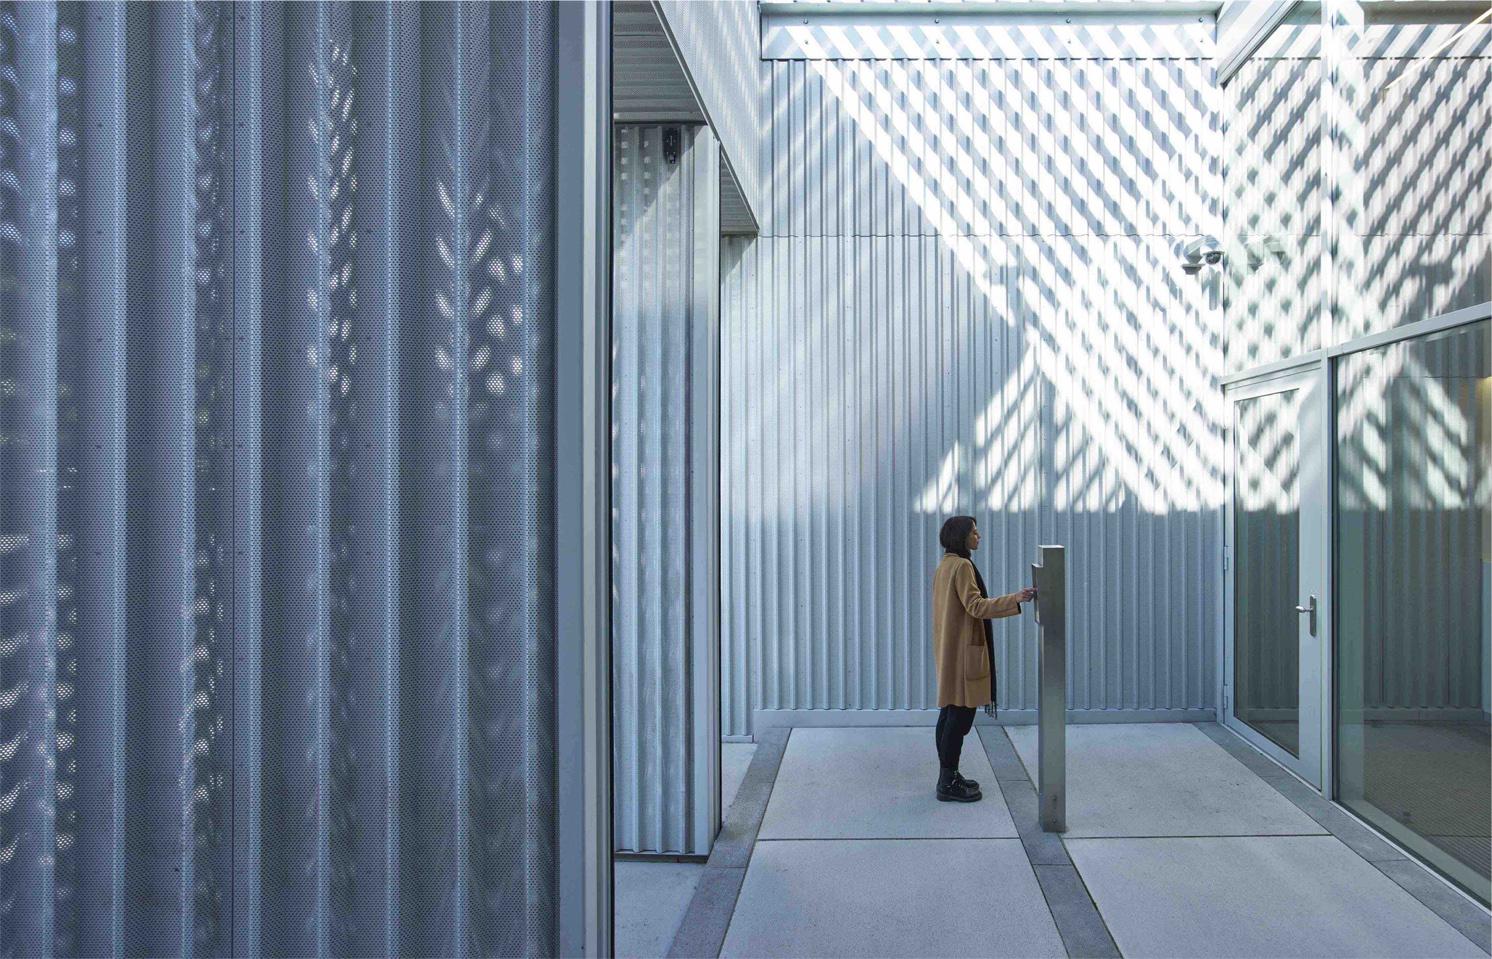 <p>Entreegebouw Pieter Baan Centrum Almere door studio PROTOTYPE, beeld Jeroen Musch </p>